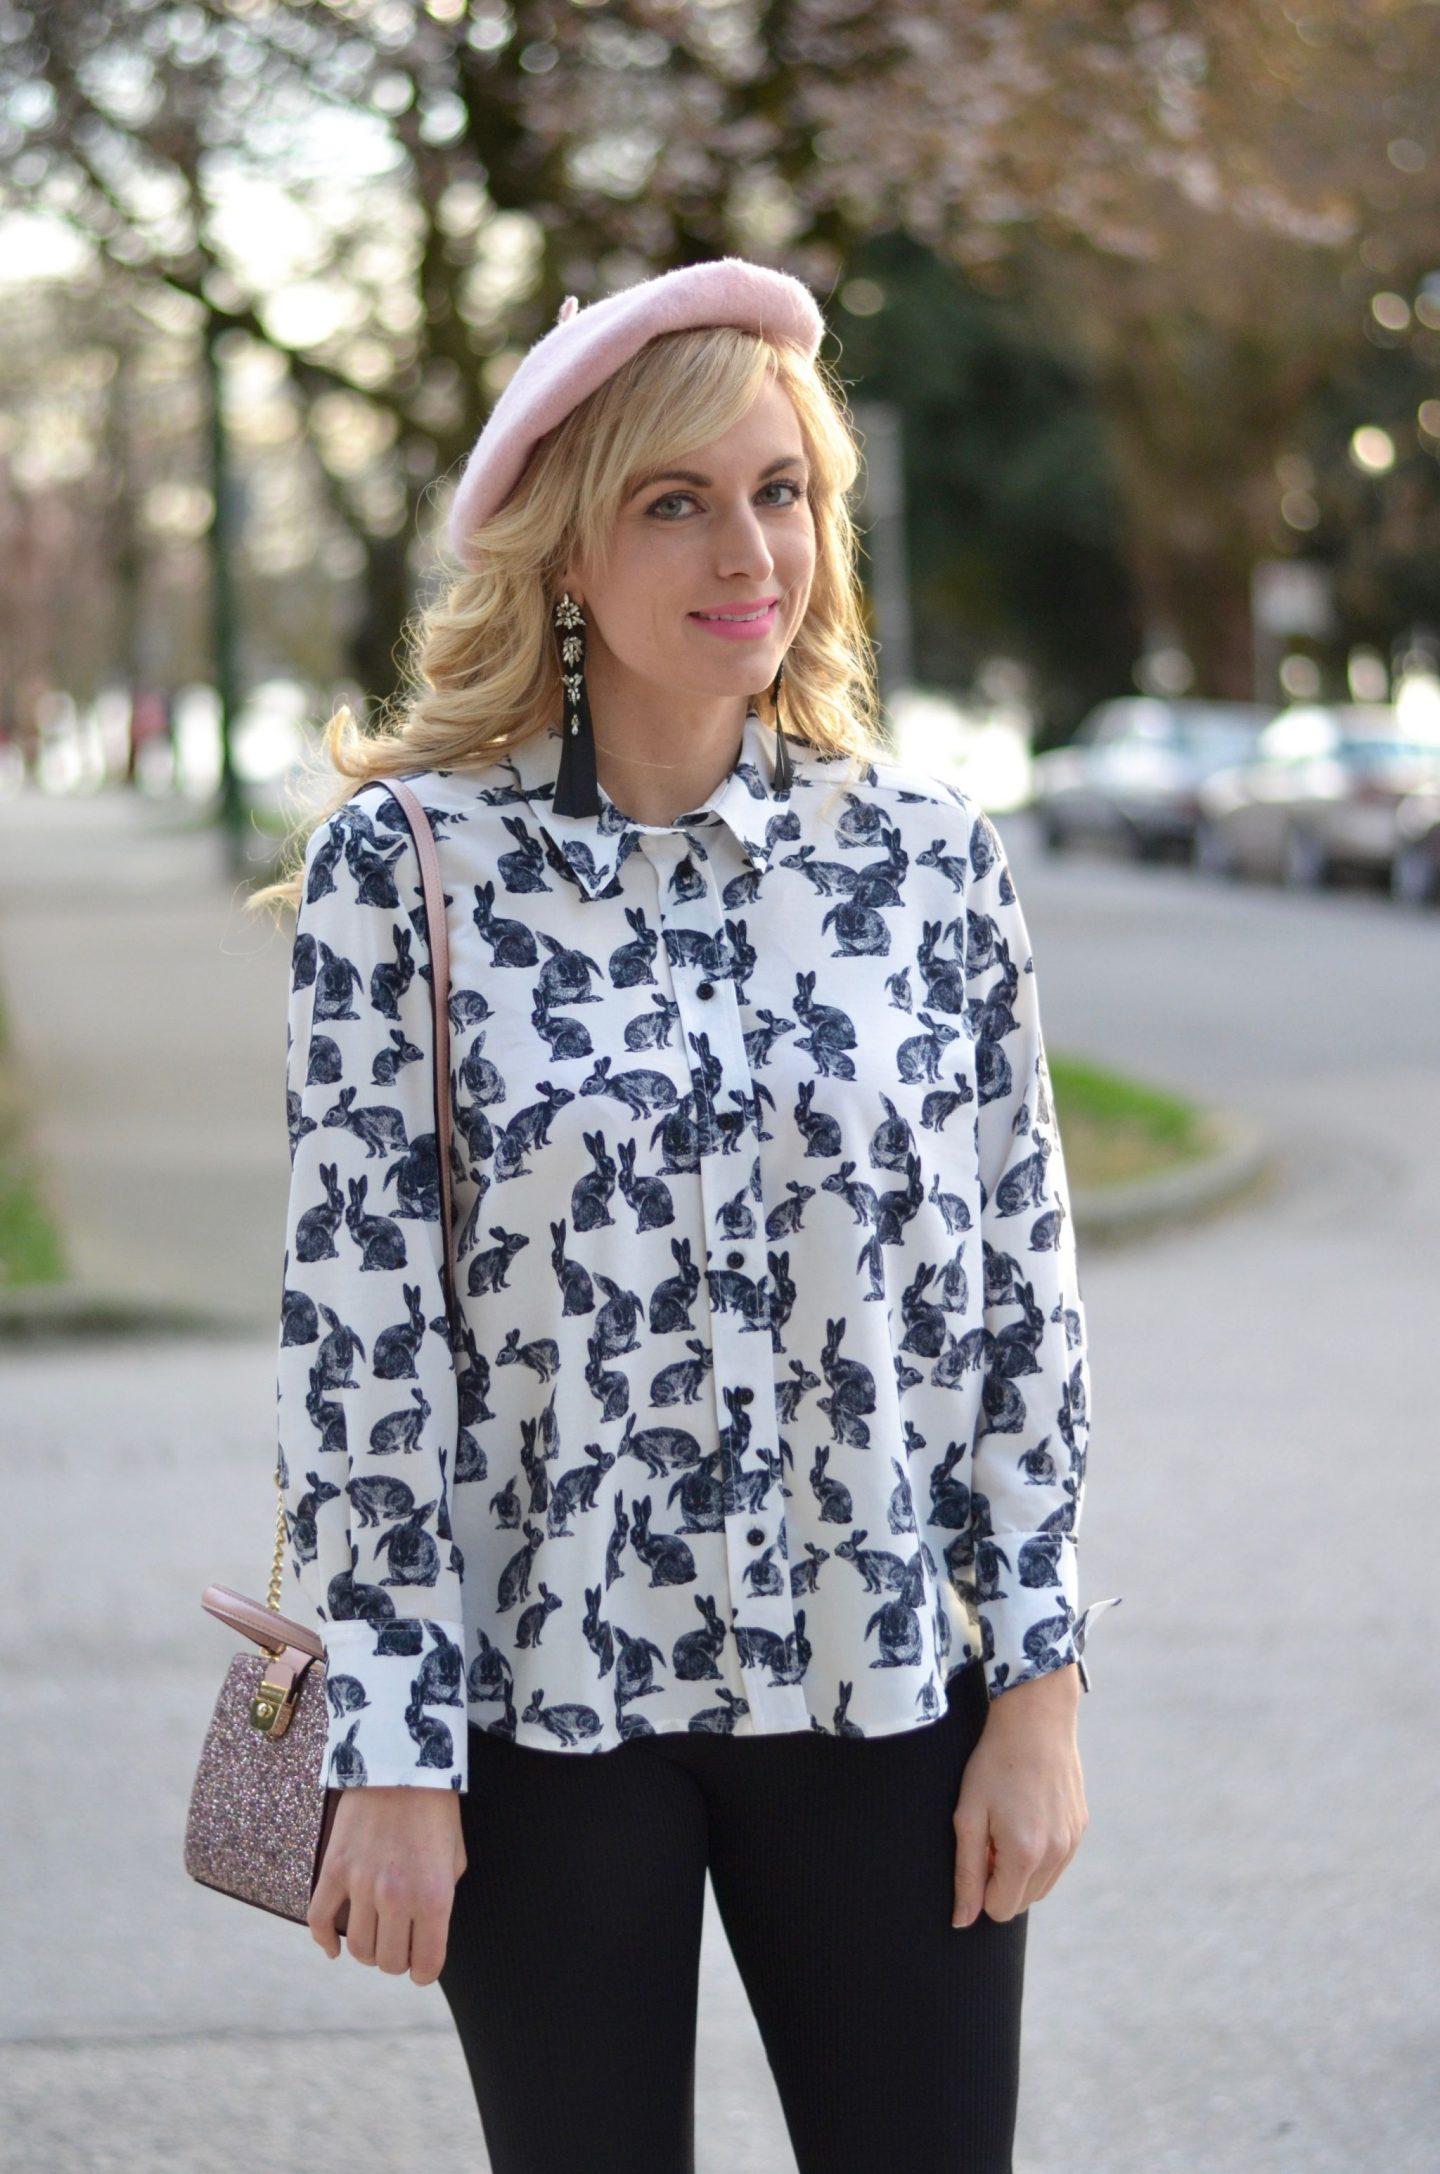 topshop outfit rabbit print blouse